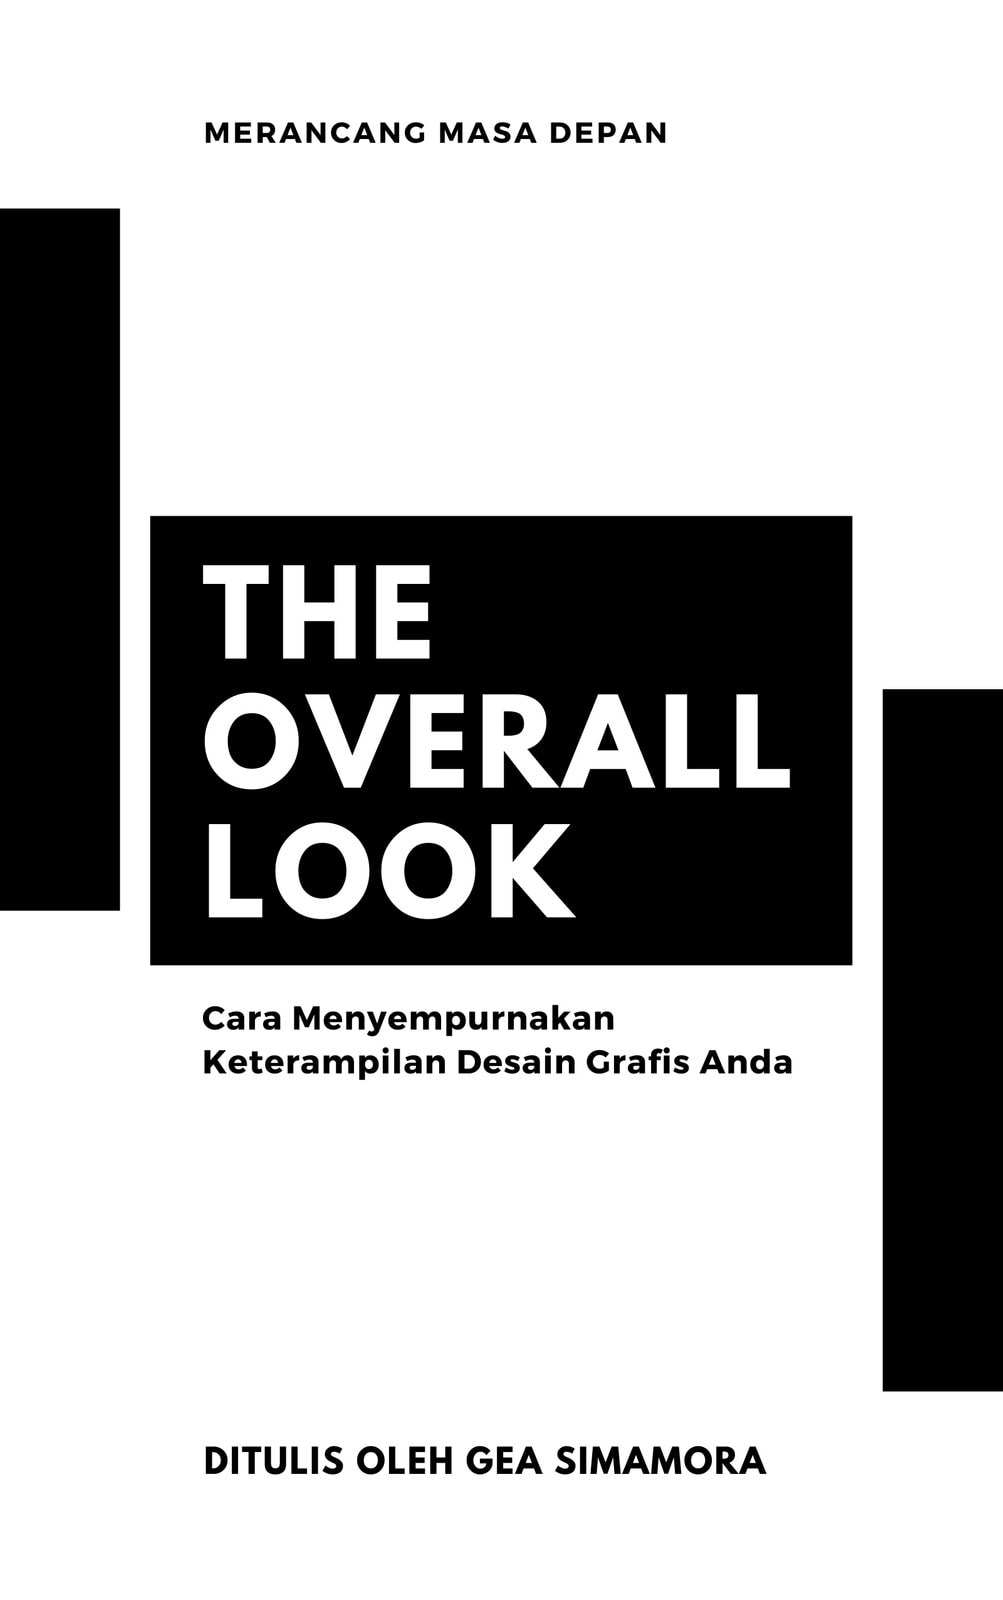 Sampul Buku Desain Grafis Minimalis Modern Hitam & Putih